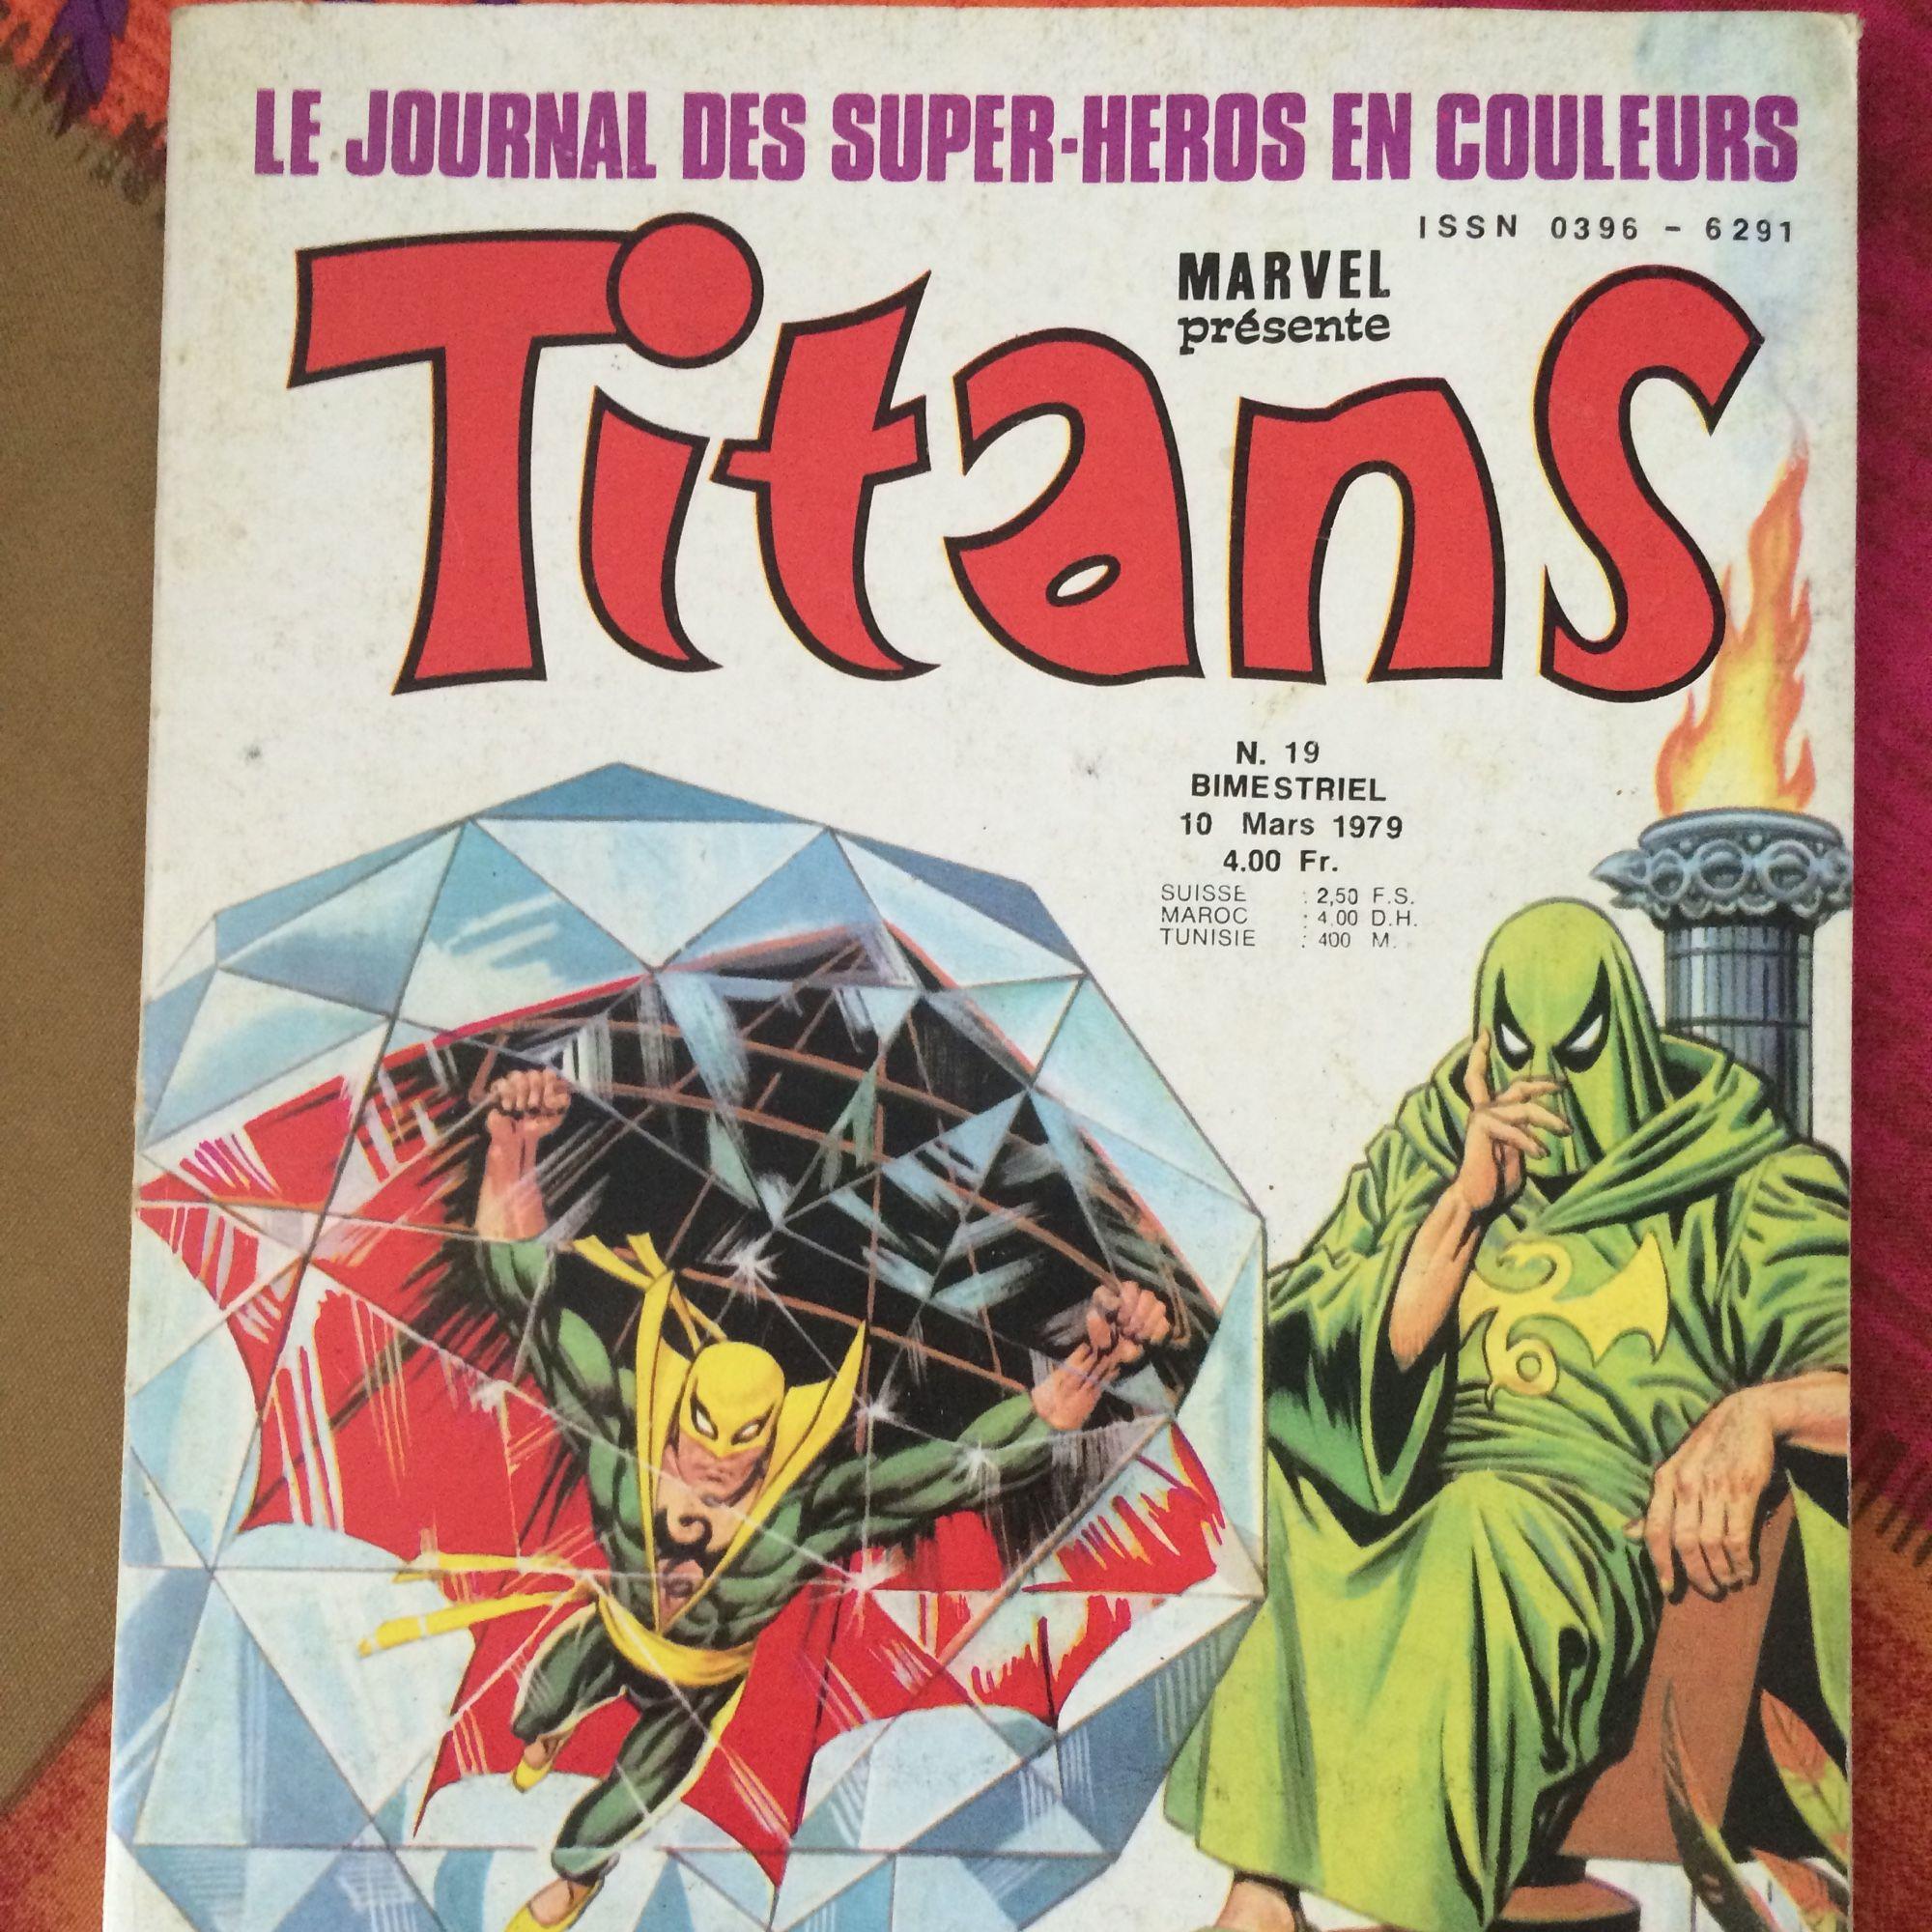 Titans 19 de Marvel